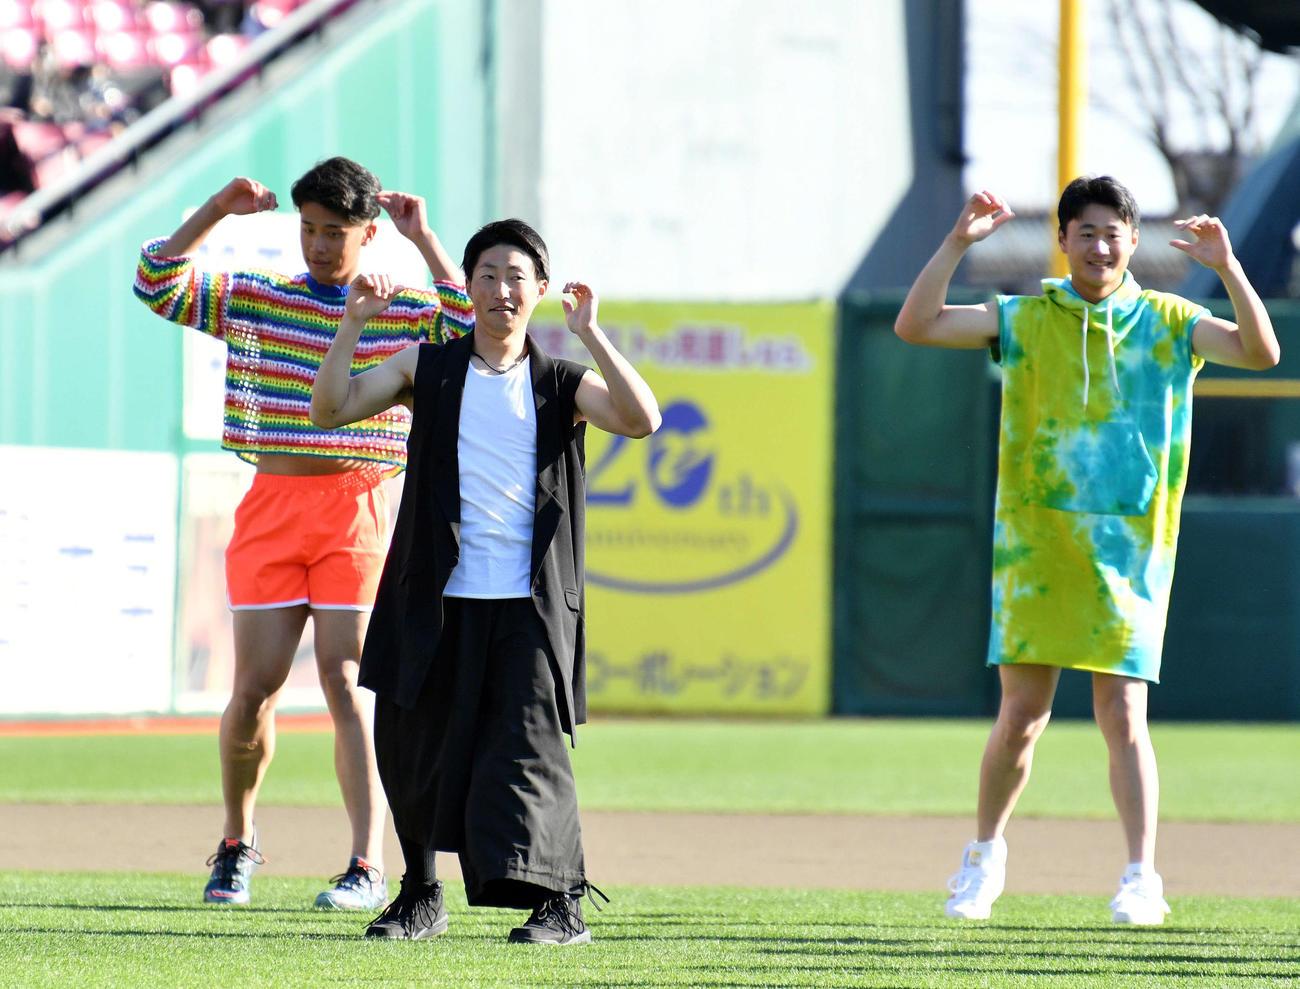 楽天ファン感謝祭で「NiziU」ならぬ「NiziE」としてダンスを披露した小深田(中央)ら選手たち(撮影・滝沢徹郎)